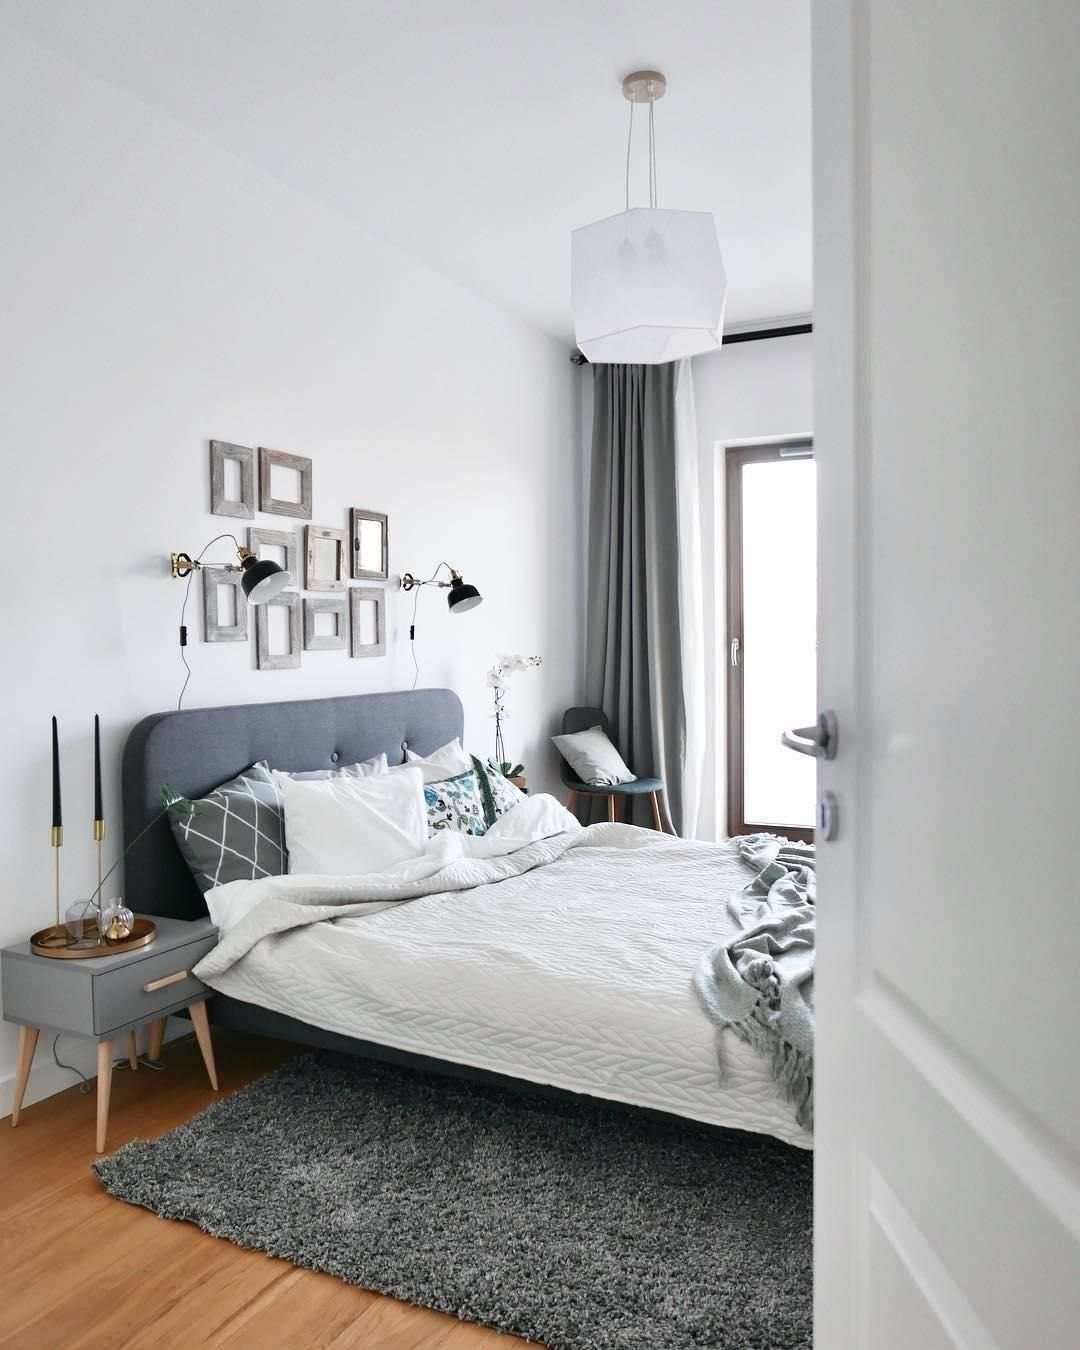 wanddeko wohnzimmer holz elegant 45 beste von wanddeko fur wohnzimmer design of wanddeko wohnzimmer holz